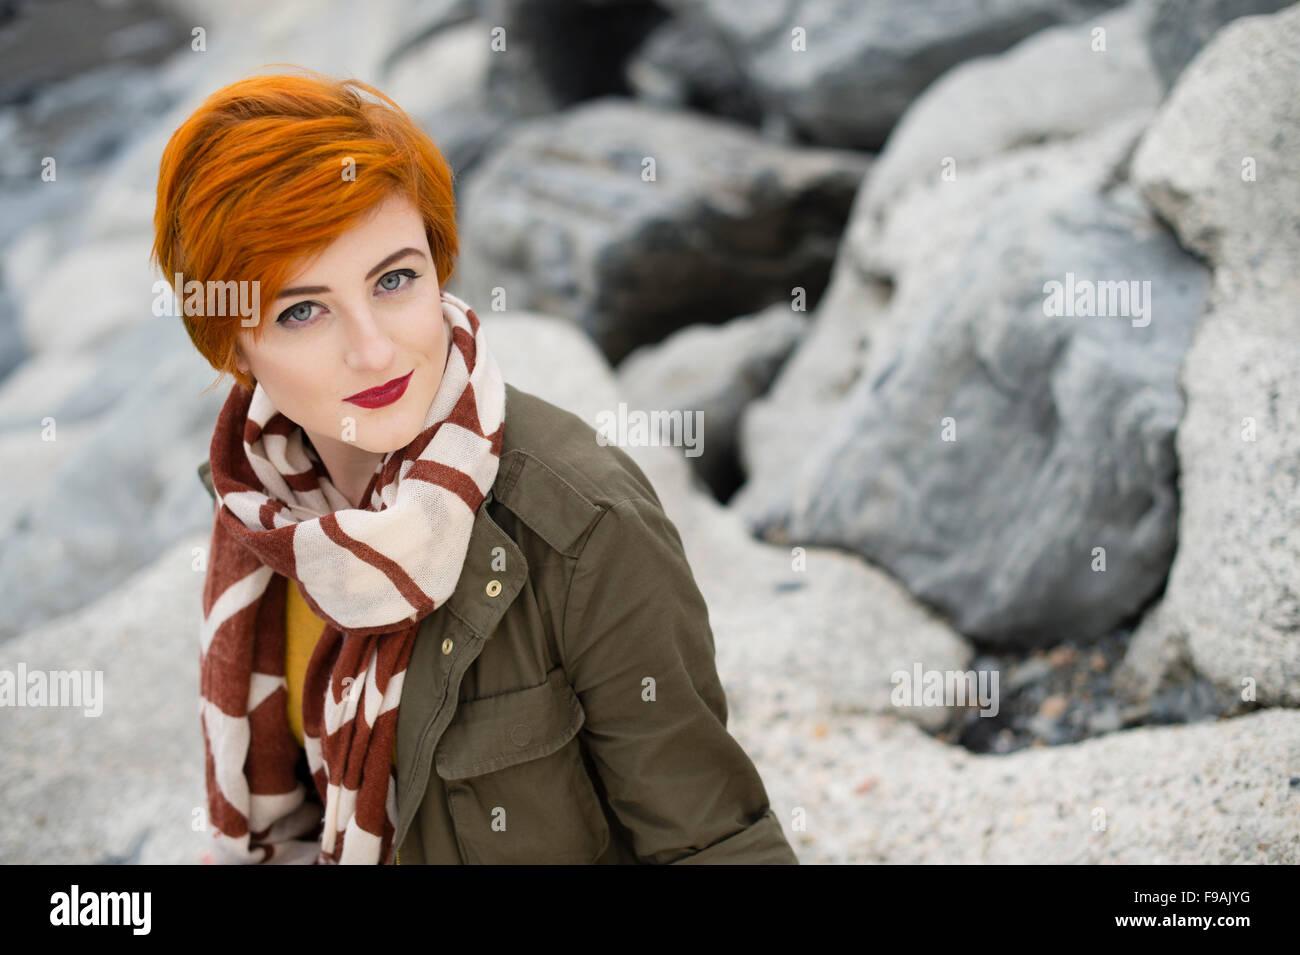 Un singolo solo giovane donna adolescente ragazza con pelle